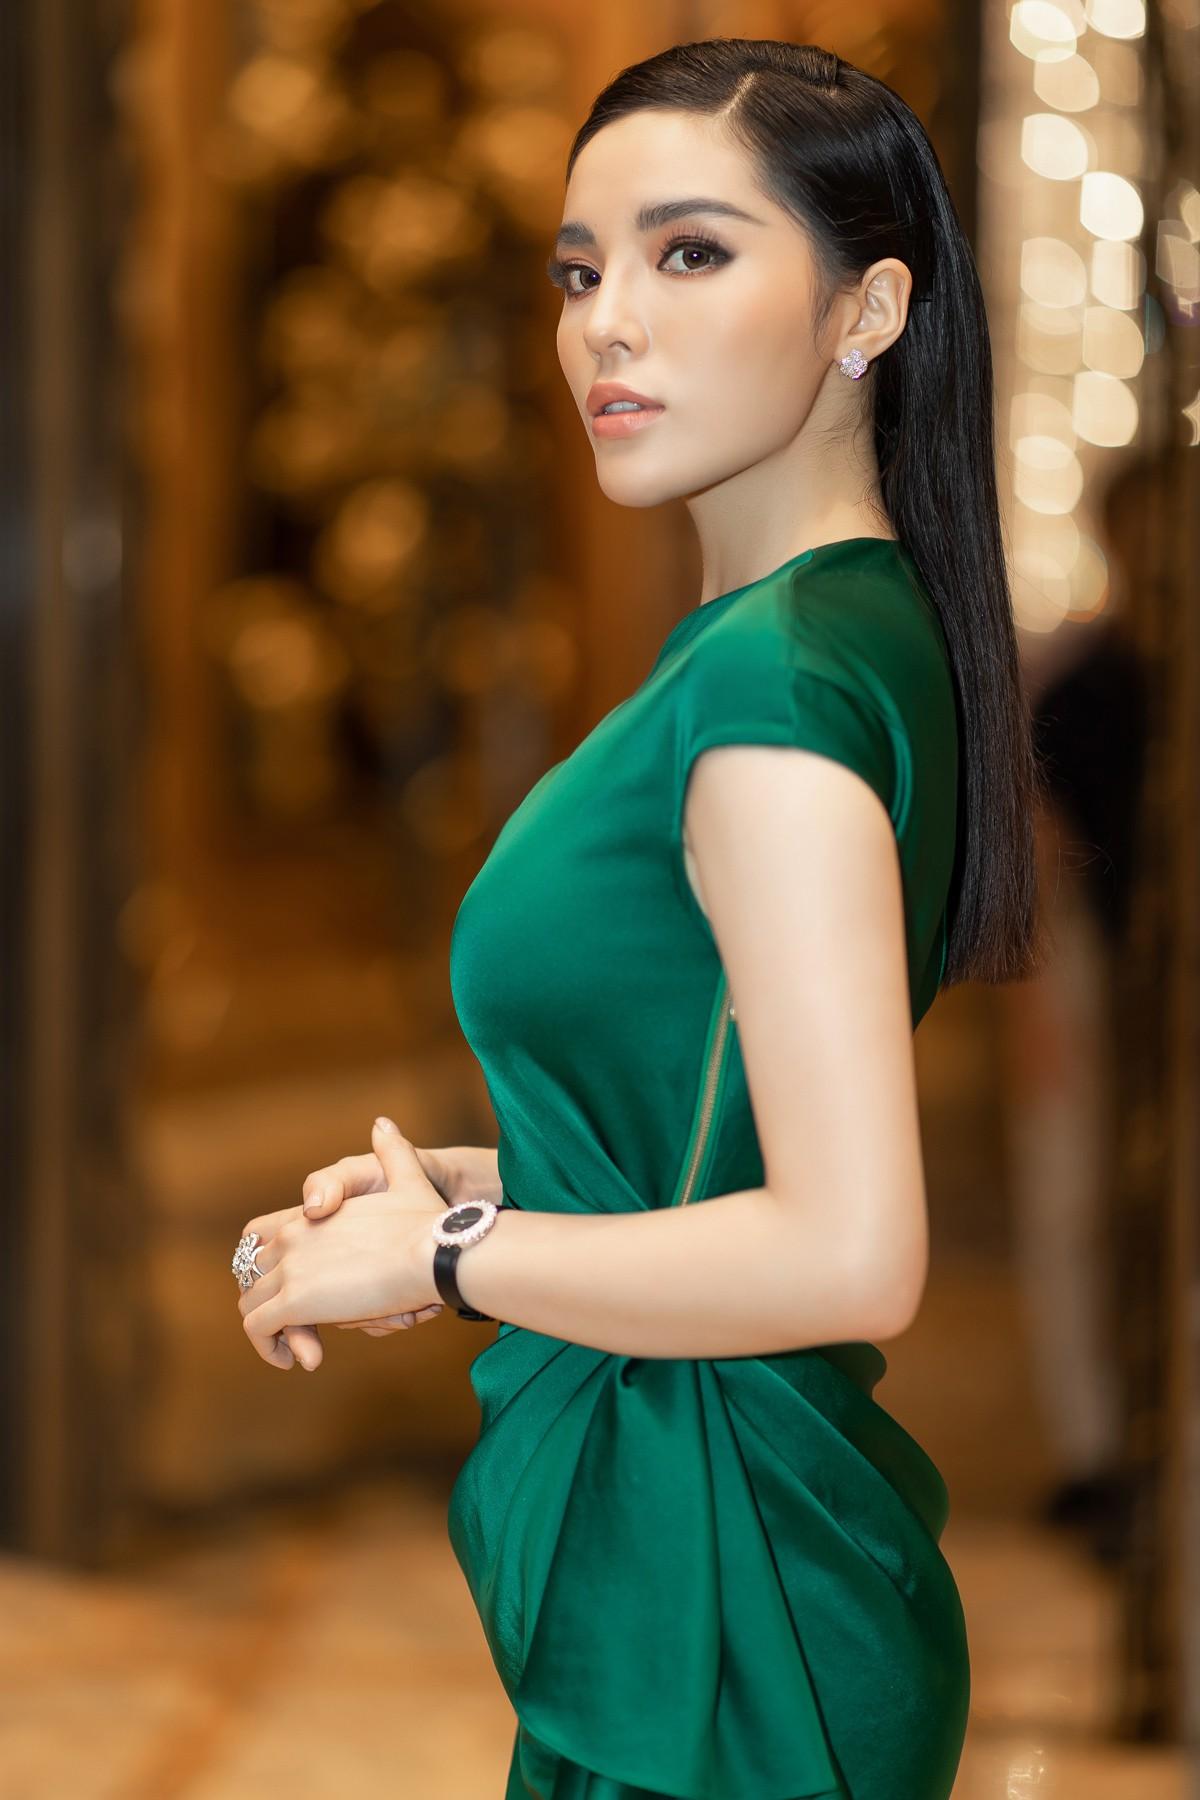 Hoa hậu Kỳ Duyên gây chú ý khi đắp hàng hiệu hơn 3 tỷ đồng đi sự kiện - Ảnh 6.